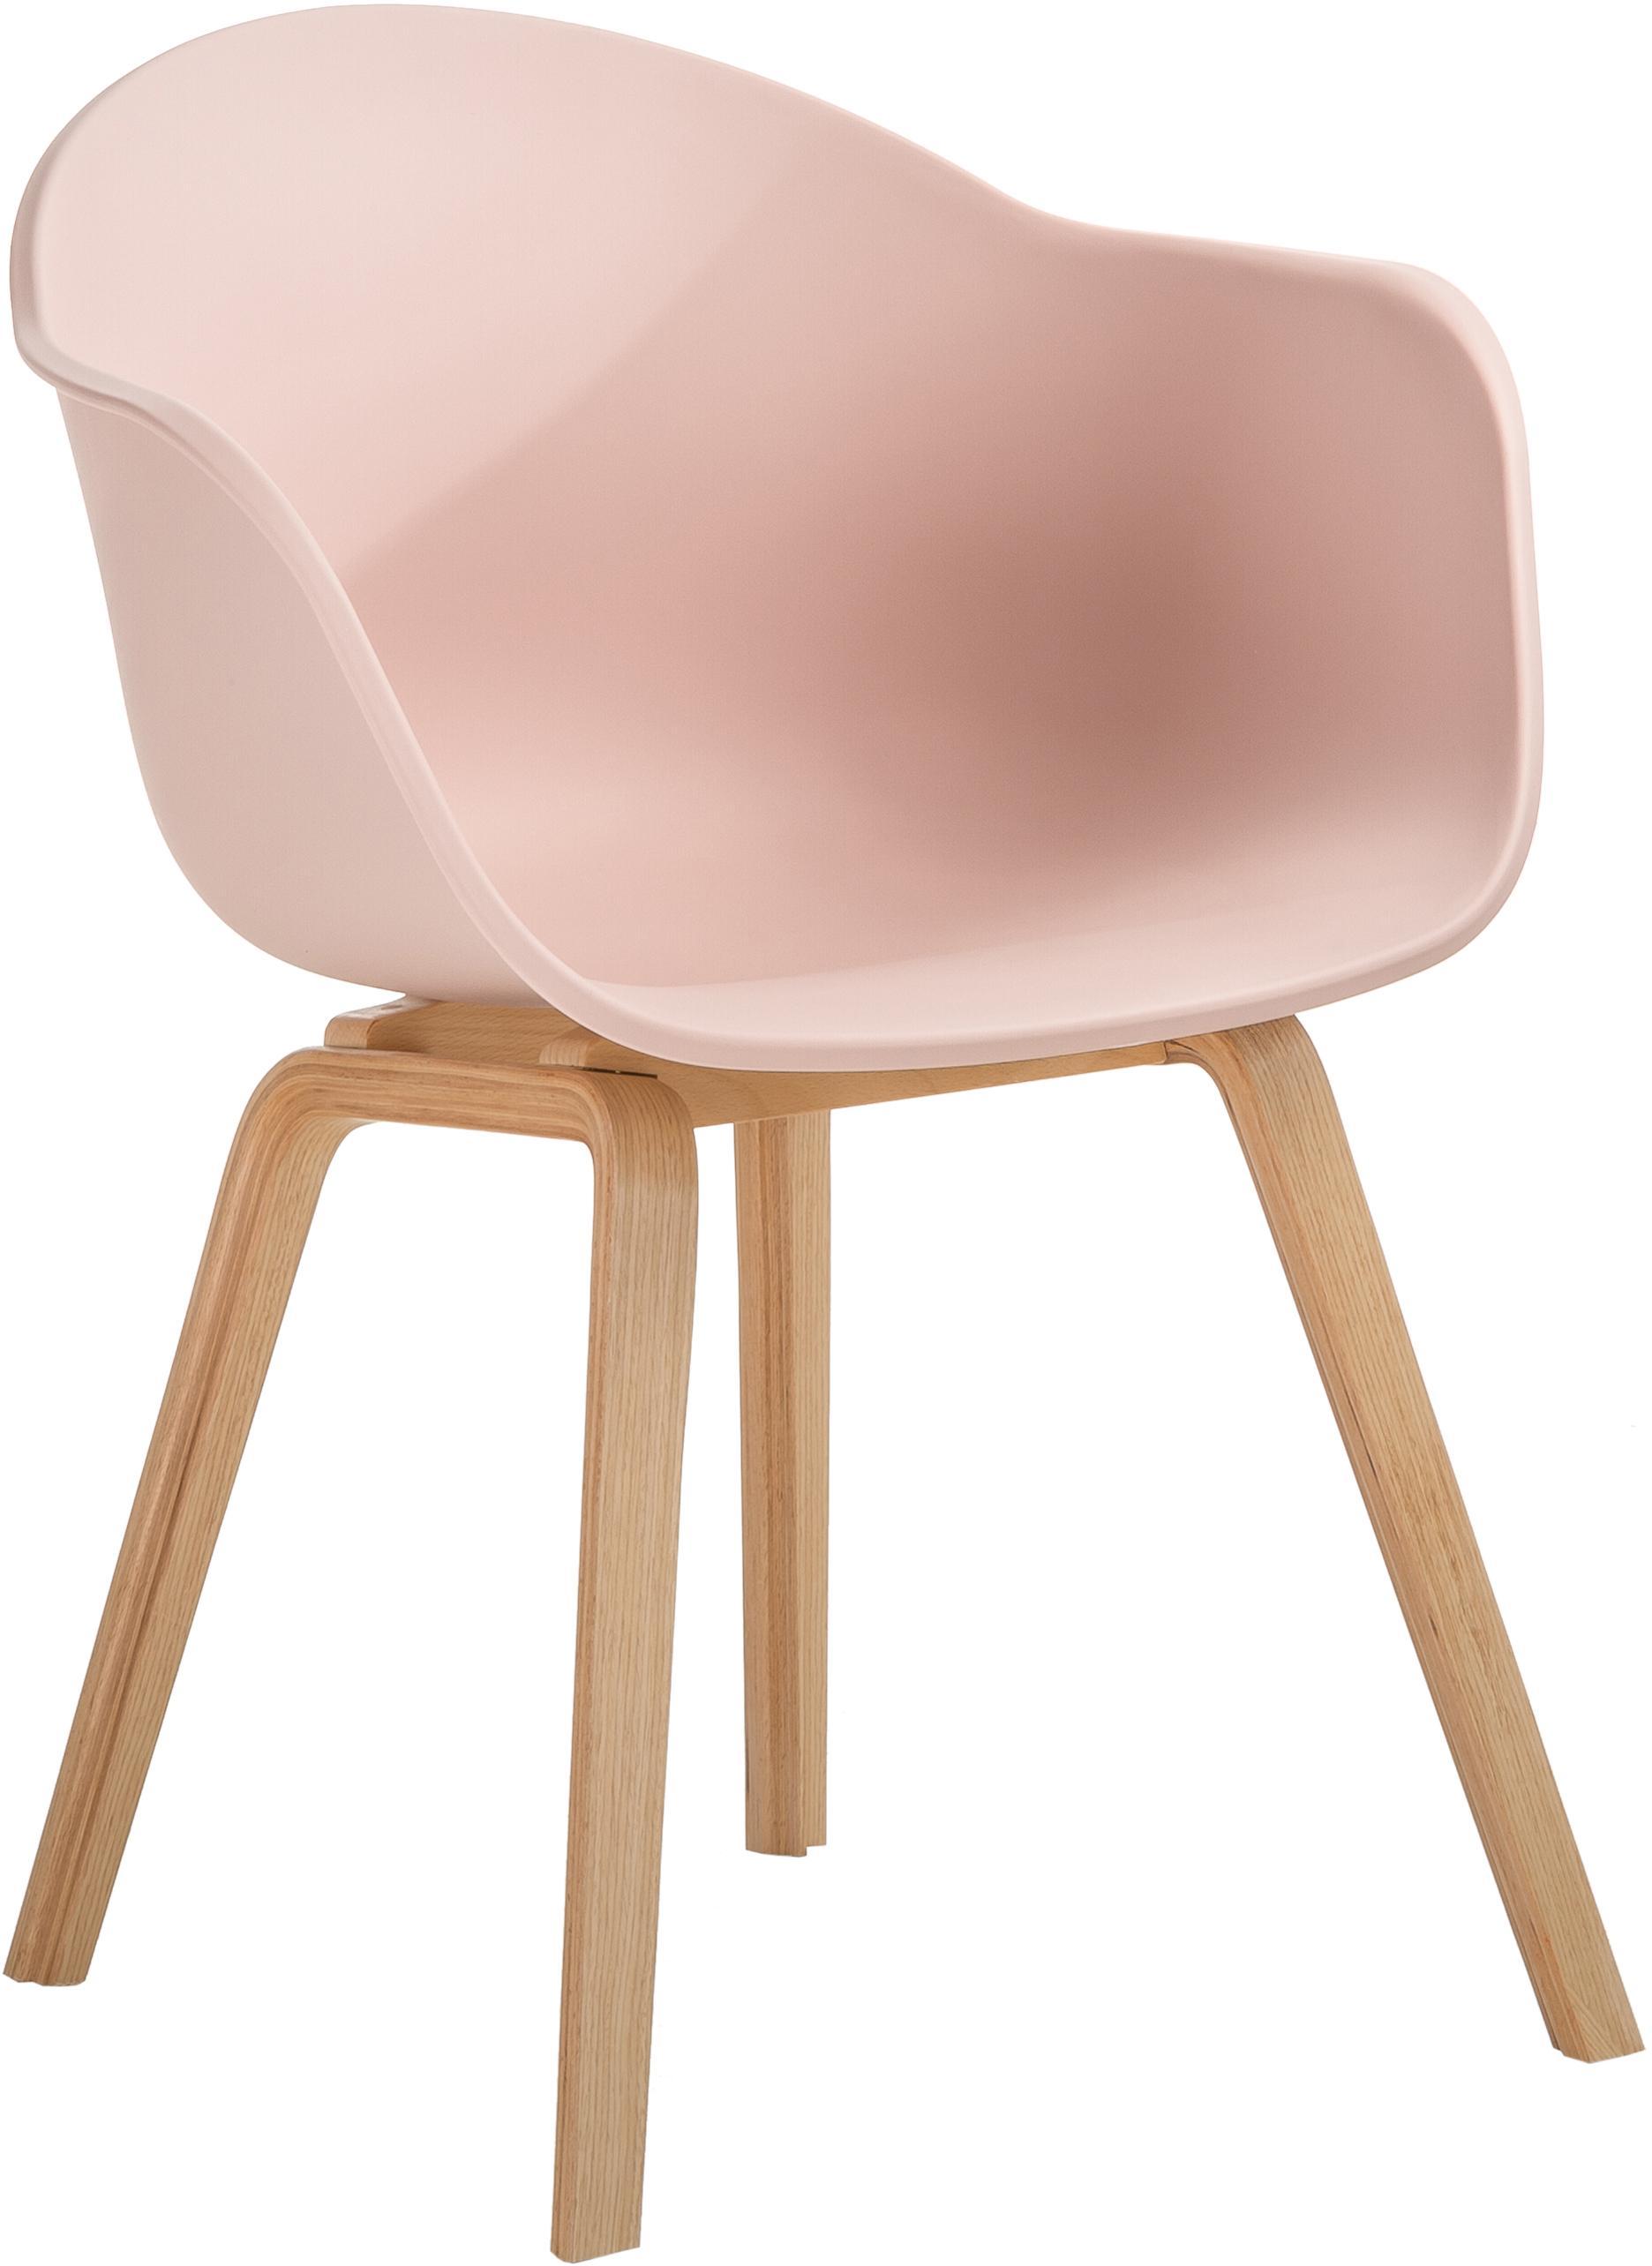 Krzesło z podłokietnikami Claire, Nogi: drewno bukowe, Siedzisko: różowy Nogi: drewno bukowe, S 61 x G 58 cm